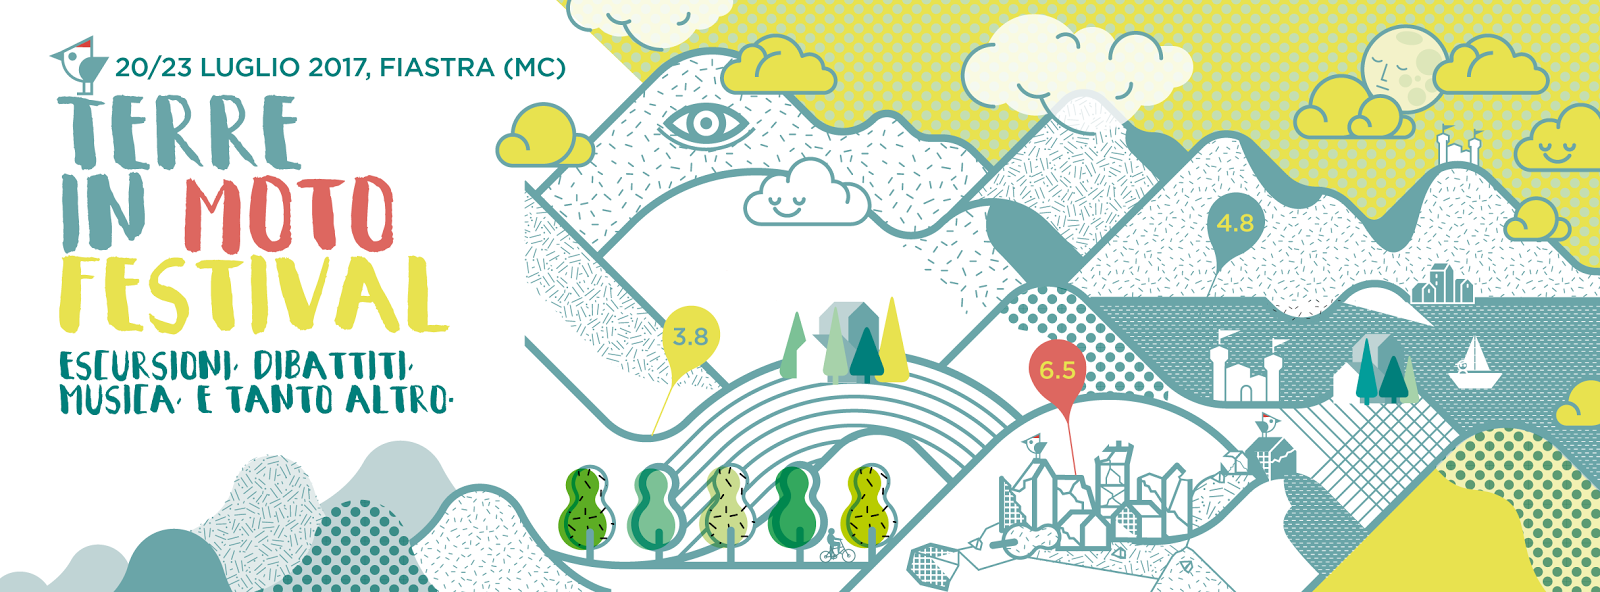 Sostieni Terre in Moto Festival!